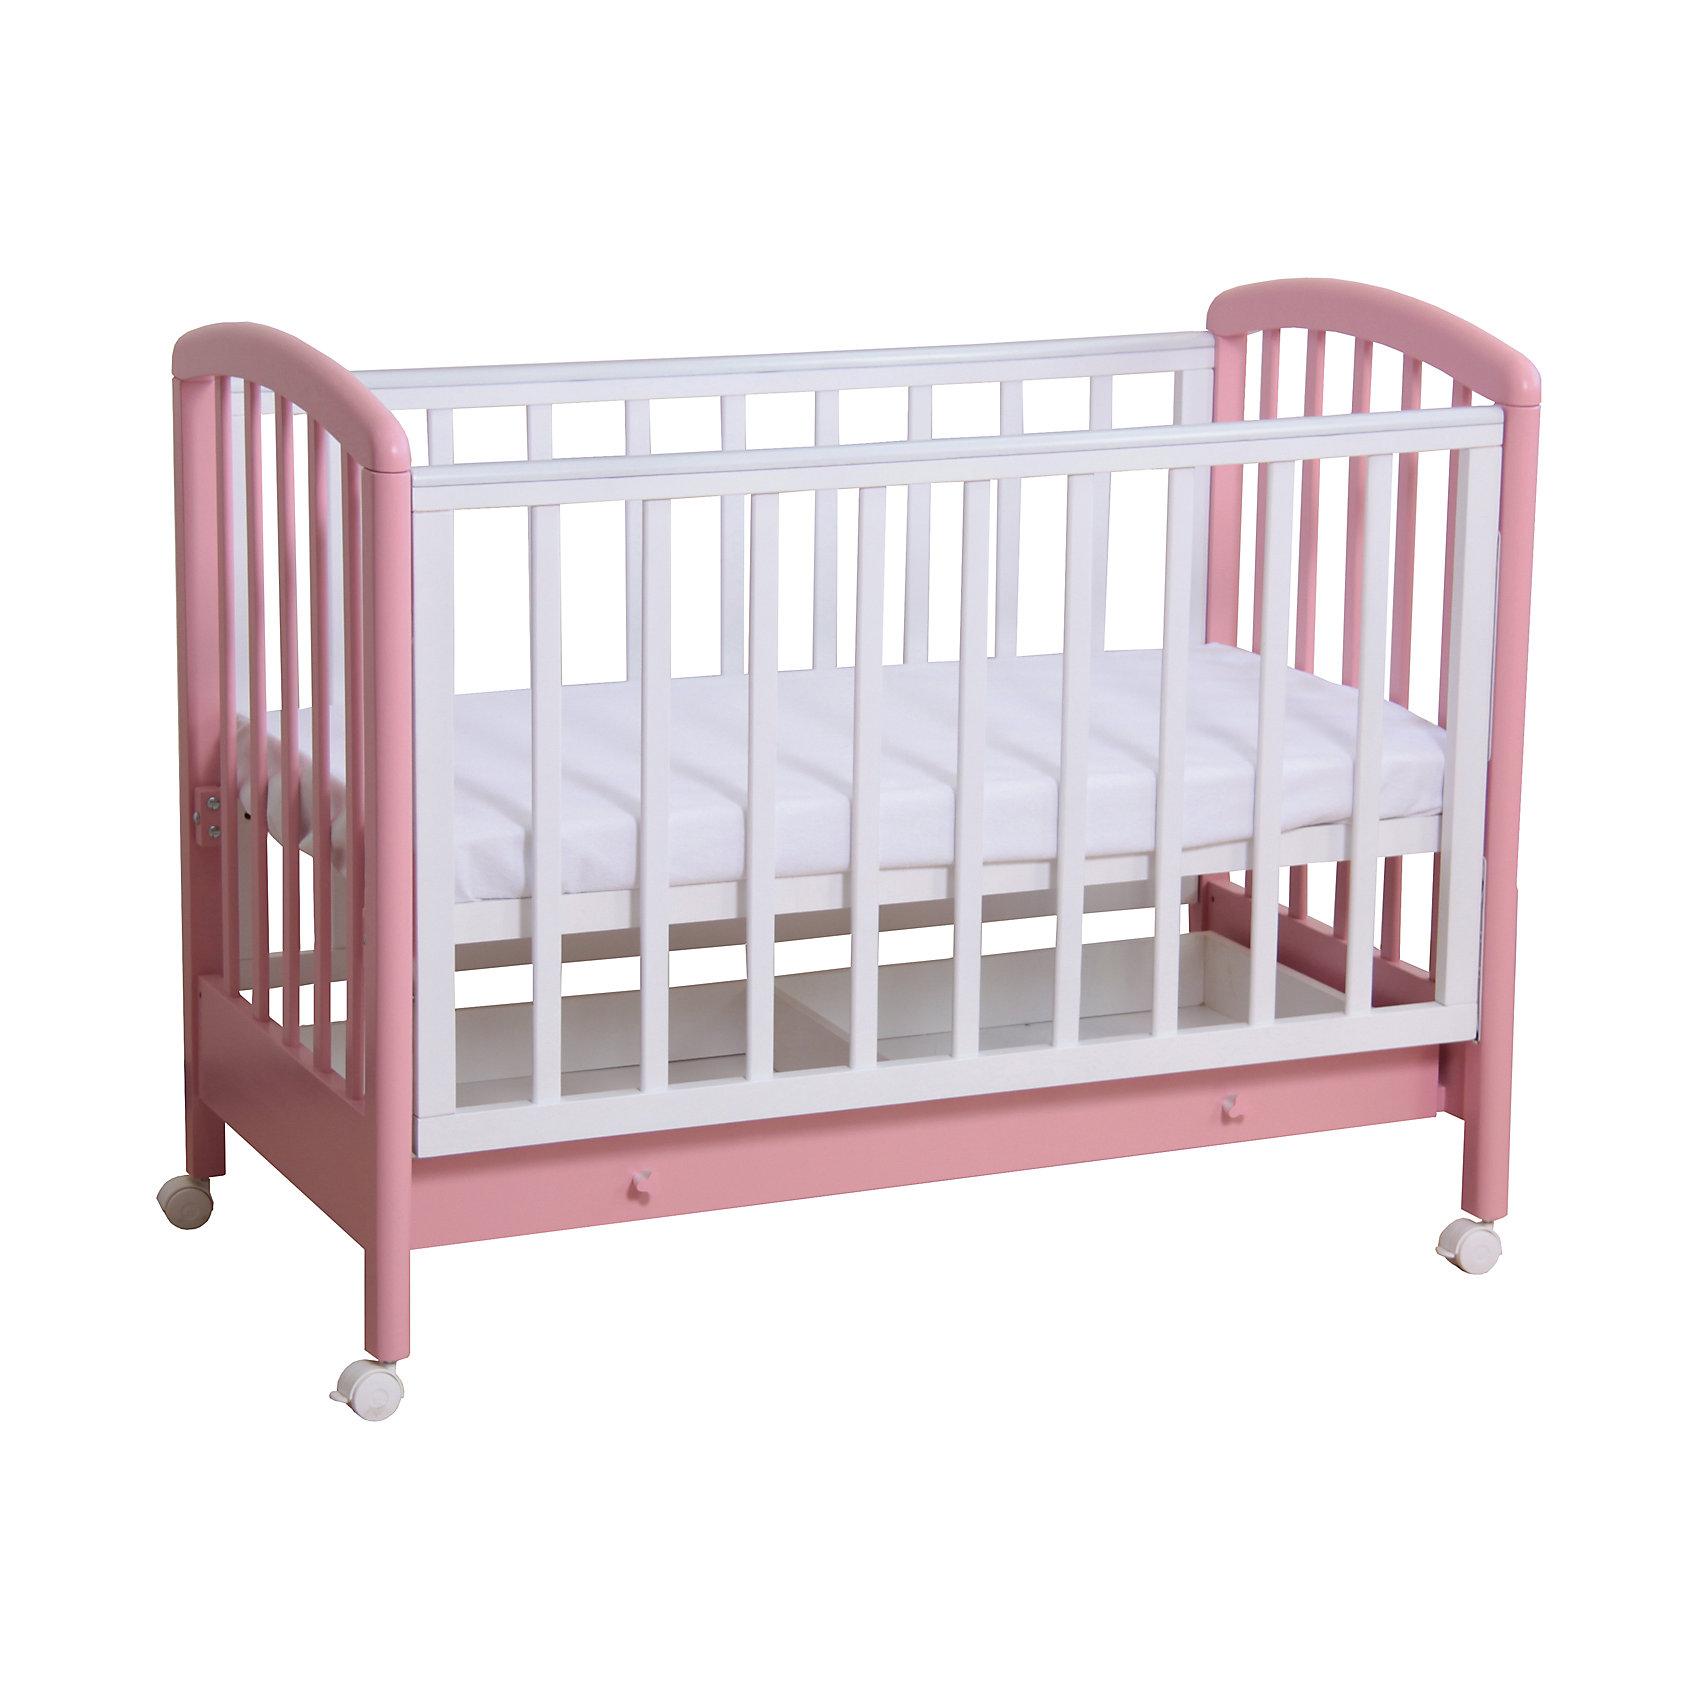 Кроватка 600, выдвижной ящик, Фея, белый-розовыйПравильная детская мебель всегда отличается от взрослой, так как производится с учетом потребностей малышей. Данная кроватка обеспечит удобство и ребенку и маме - она имеет удобный механизм опускания передней планки и колесики, с помощью которых кроватку можно перемещать.<br>В этой модели также есть удобный ящик. Кроватка сделана из качественного дерева, покрытого лаком. Цвет - приятный и оригинальный, подойдет практически для любого интерьера. Все материалы тщательно подобраны специалистами и безопасны для детей.<br><br>Дополнительная информация:<br><br>цвет: белый-розовый;<br>материал: береза, лак;<br>передняя планка удобно опускается;<br>выдвижной ящик;<br>ложе имеет 2 положения;<br>колёсики;<br>накладки ПВХ;<br>ортопедической основание;<br>размер:  128 х 70 х 103 см ;<br>ложе: 60 на 120 см;<br>вес: 28 кг.<br><br>Кроватку 600 торговой марки Фея можно купить в нашем магазине.<br><br>Ширина мм: 1280<br>Глубина мм: 696<br>Высота мм: 1030<br>Вес г: 28150<br>Возраст от месяцев: 0<br>Возраст до месяцев: 36<br>Пол: Женский<br>Возраст: Детский<br>SKU: 4873619